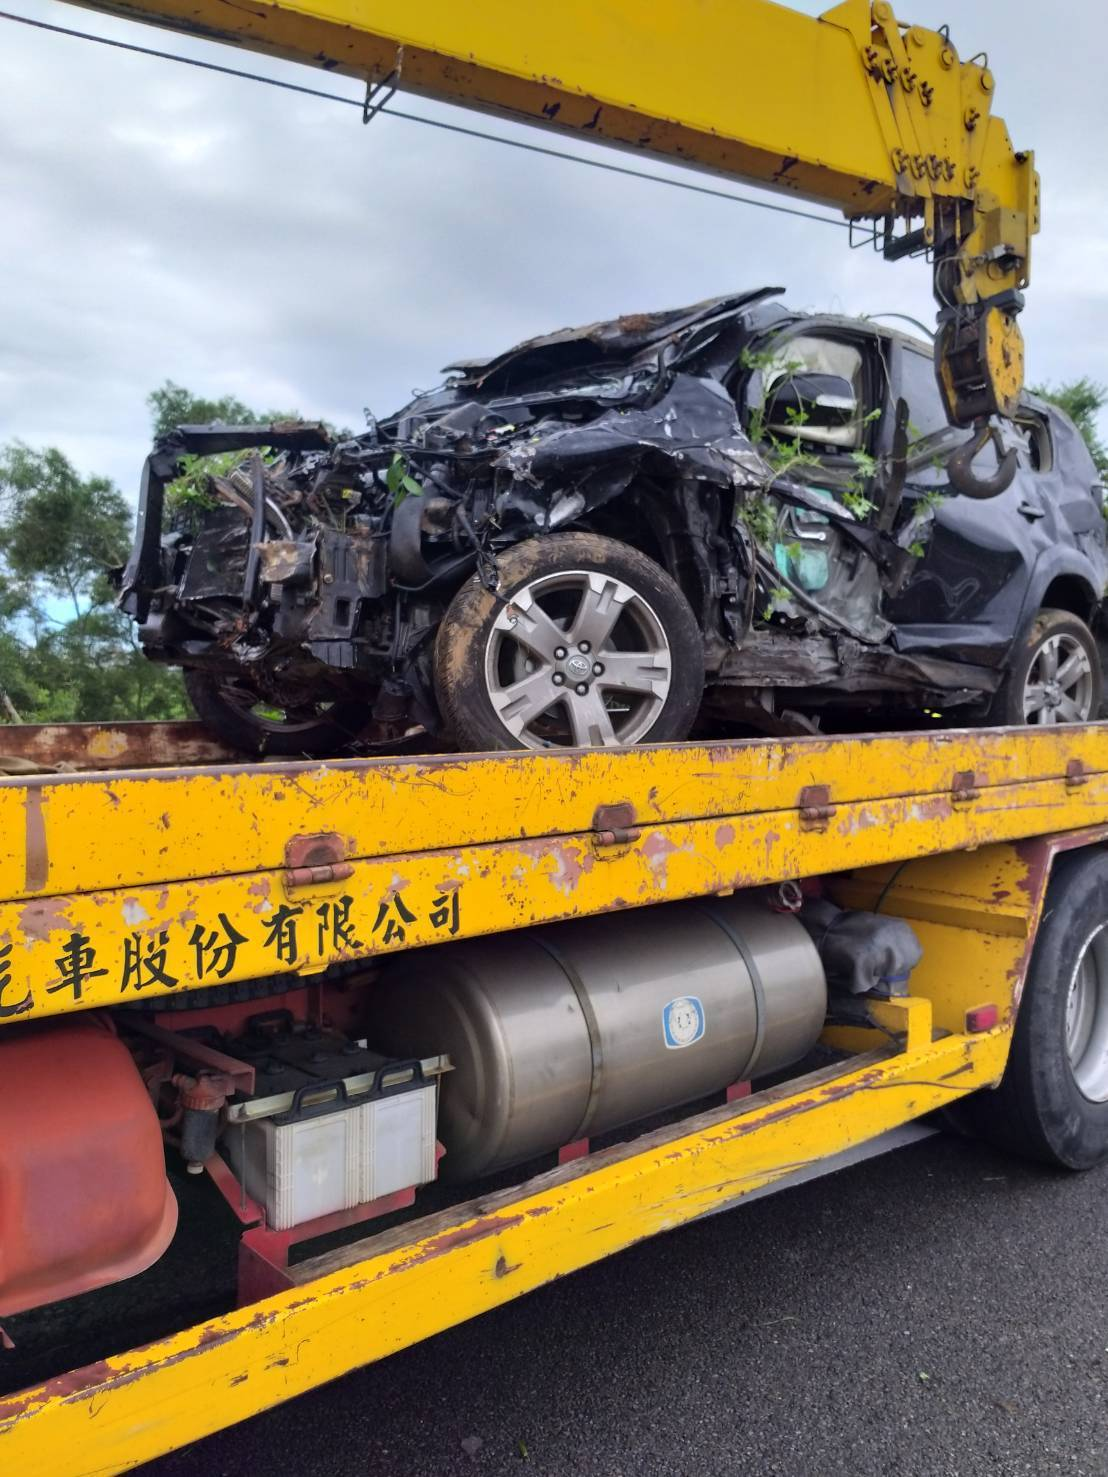 一輛廂型車疑失控衝撞護欄,整輛車翻落10多公尺深的邊坡,車輛毀損嚴重。記者余采瀅...